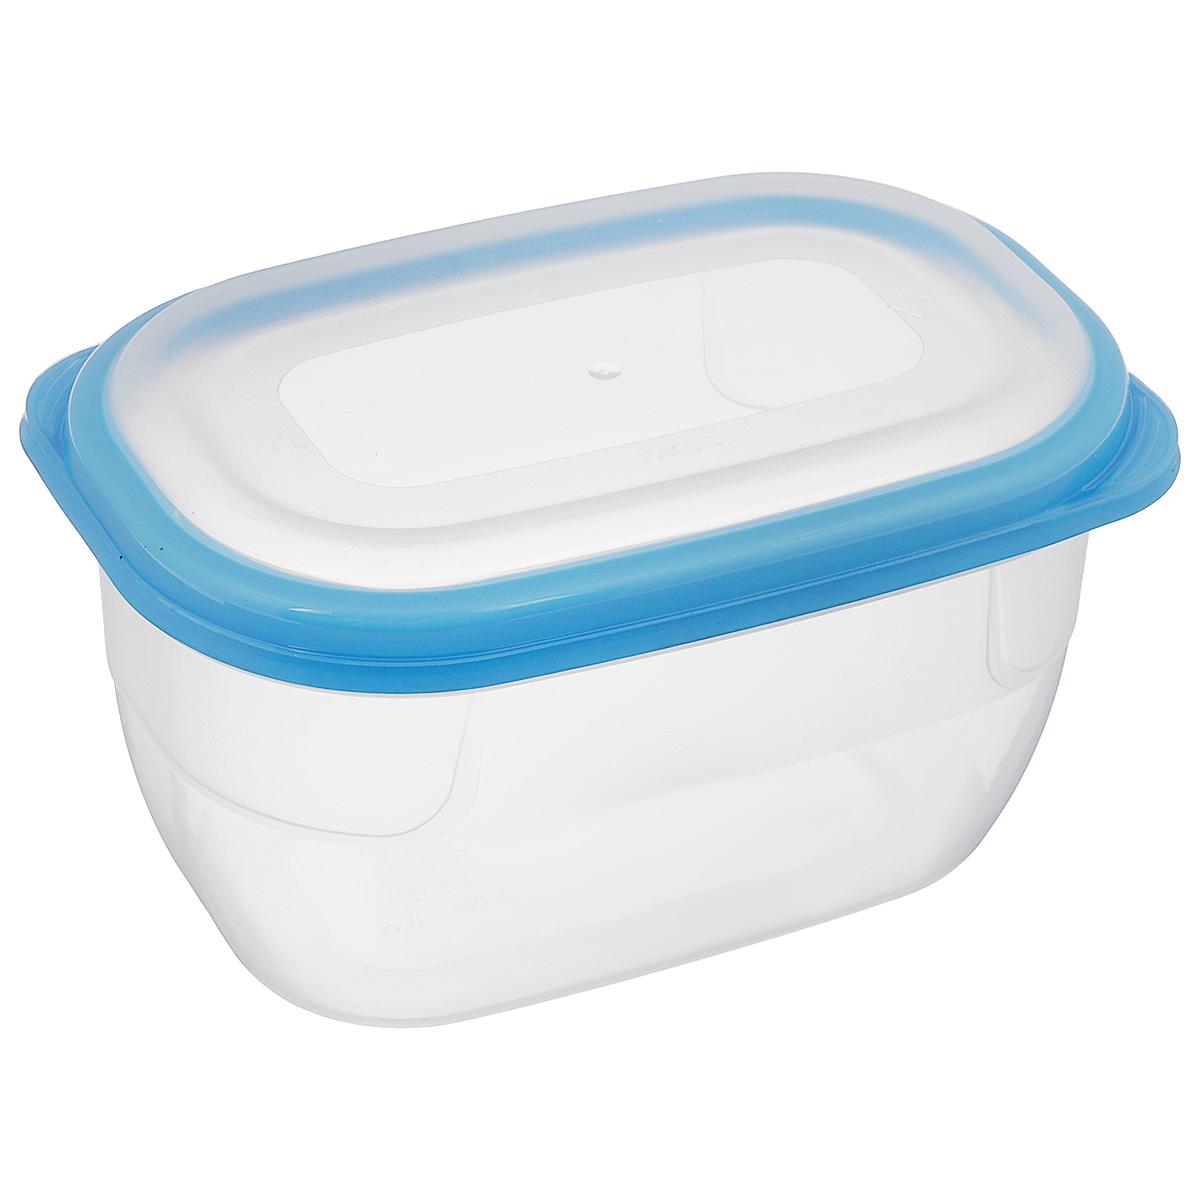 Контейнер для СВЧ Полимербыт Премиум, цвет: прозрачный, голубой, 750 млС561_голубойКонтейнер Полимербыт Премиум прямоугольной формы, изготовленный из прочного пластика, предназначен специально для хранения пищевых продуктов. Крышка легко открывается и плотно закрывается. Контейнер устойчив к воздействию масел и жиров, легко моется. Прозрачные стенки позволяют видеть содержимое. Контейнер имеет возможность хранения продуктов глубокой заморозки, обладает высокой прочностью. Можно мыть в посудомоечной машине. Контейнер подходит для использования в микроволновой печи без крышки, а также для заморозки в морозильной камере.